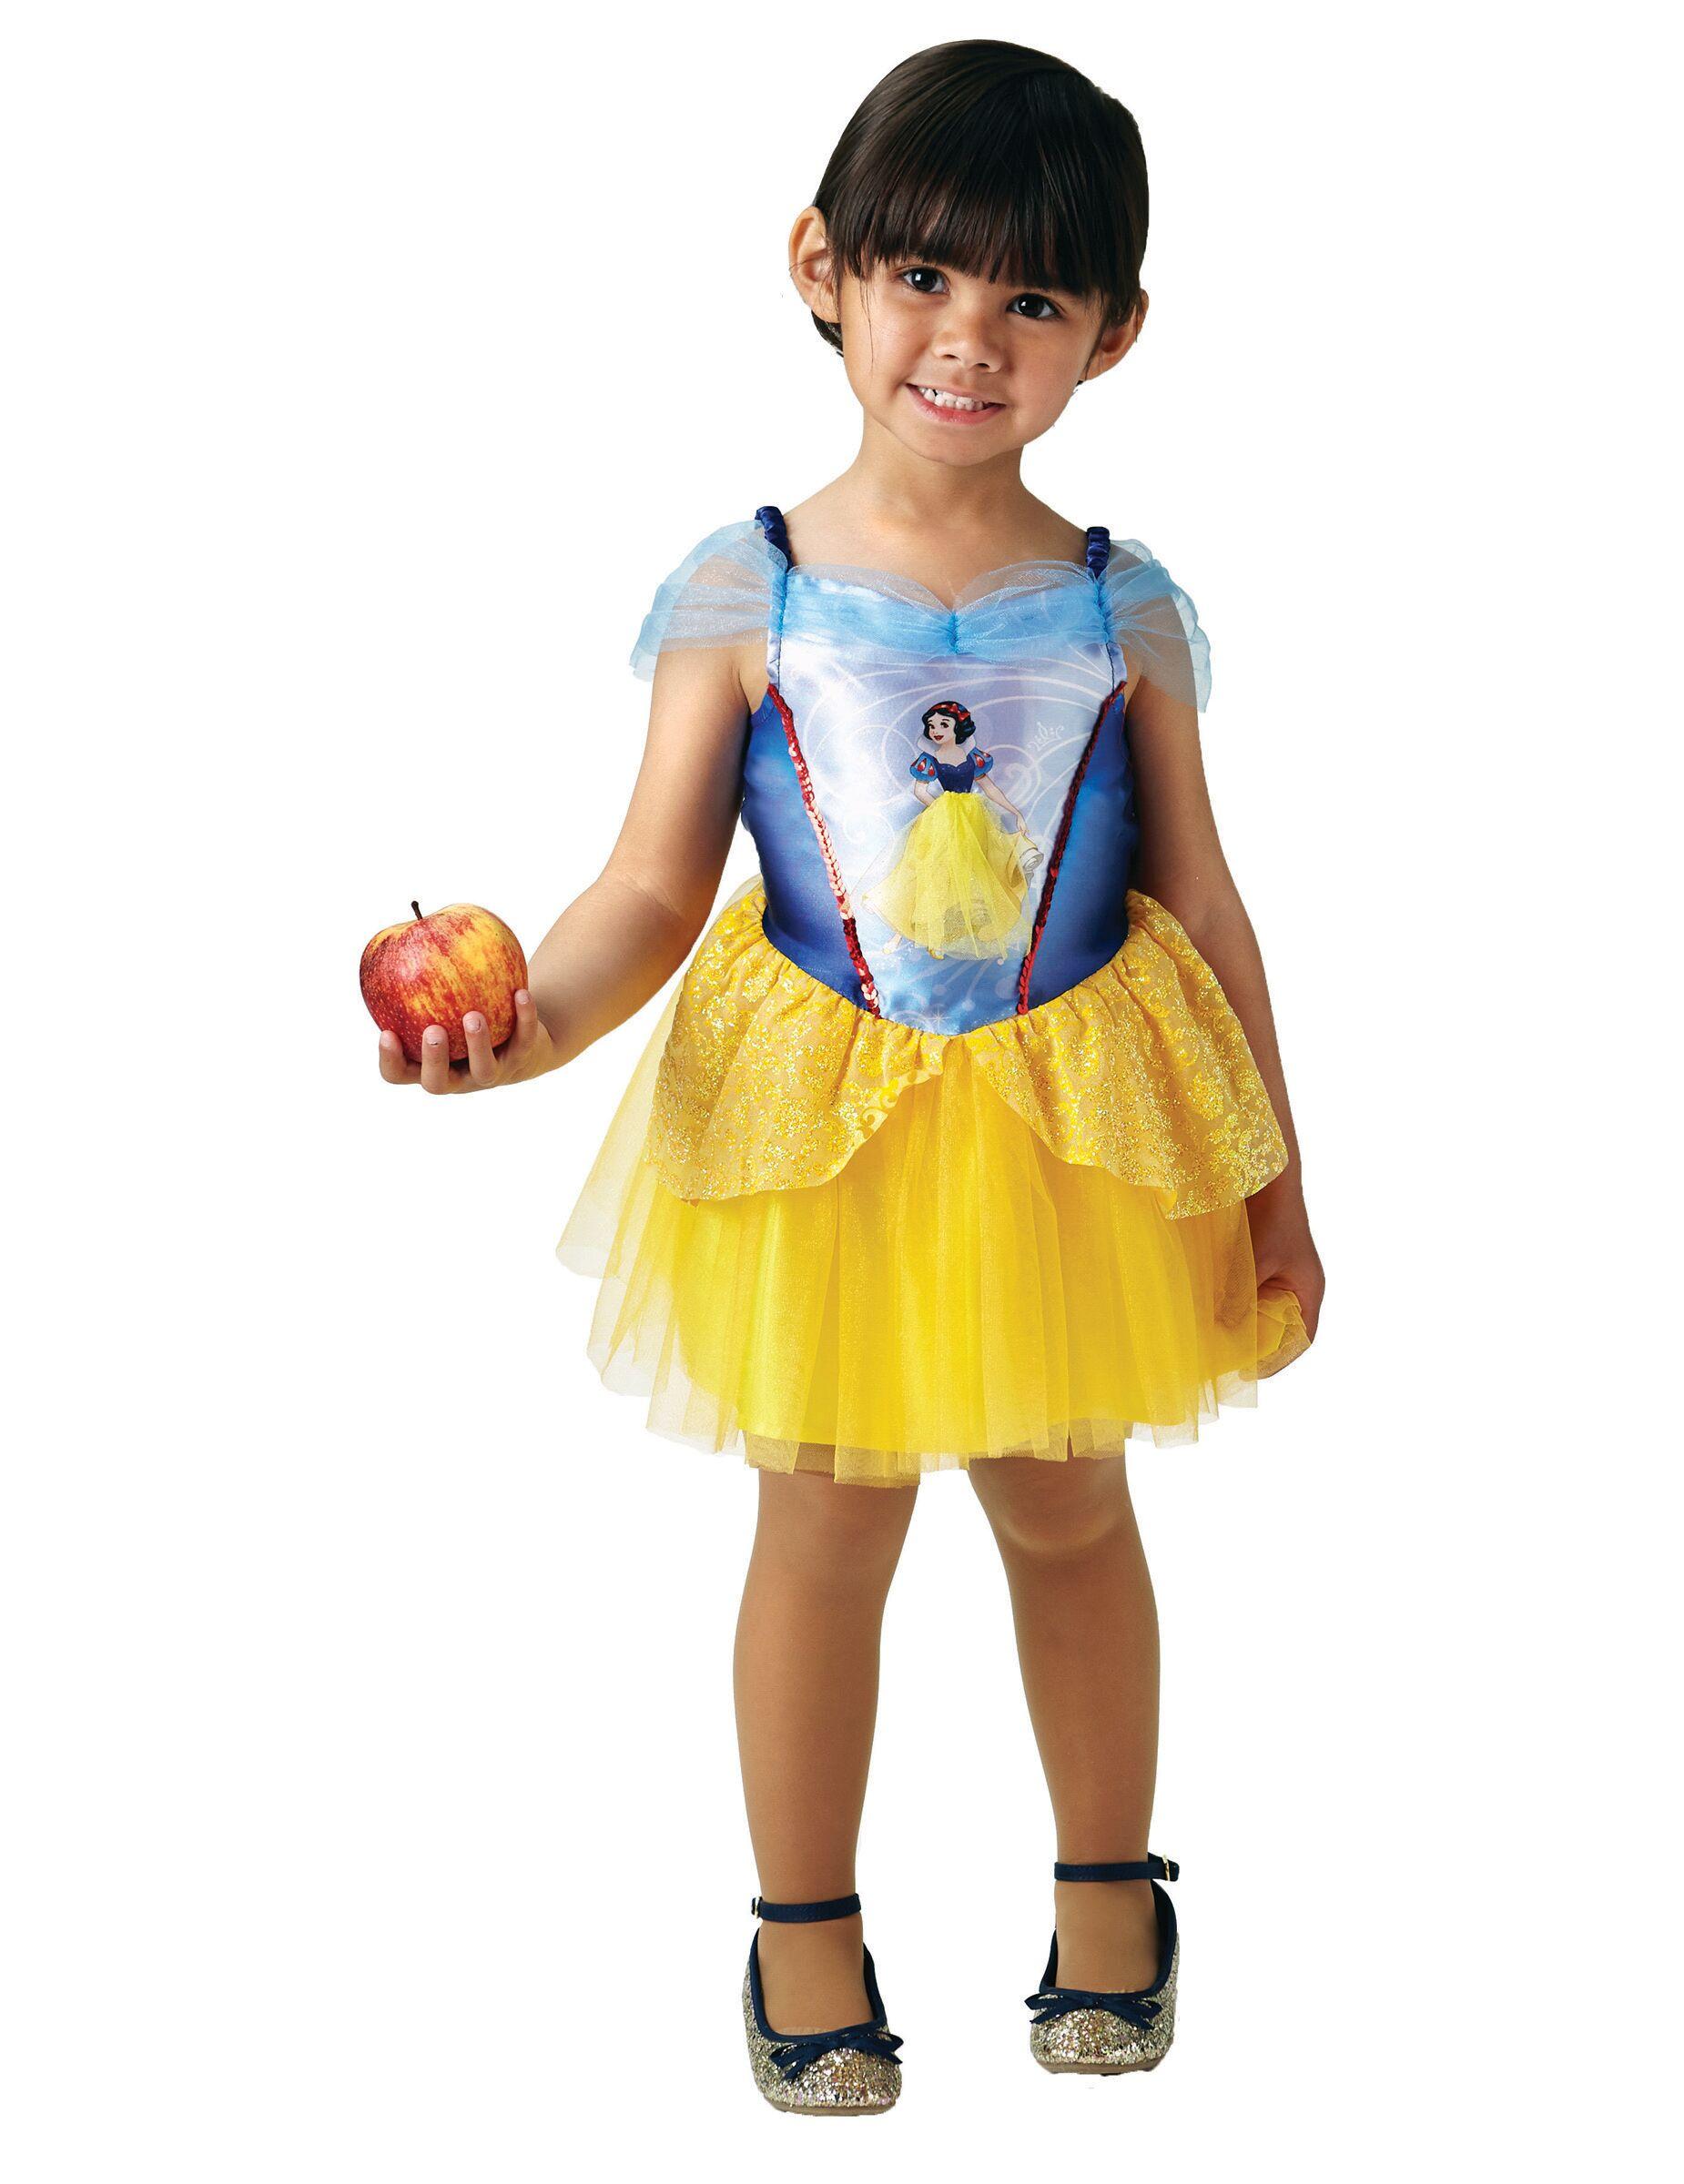 VegaooParty Déguisement Princesse Ballerine Blanche Neige fille - Taille: 3 à 4 ans (90 à 104 cm)